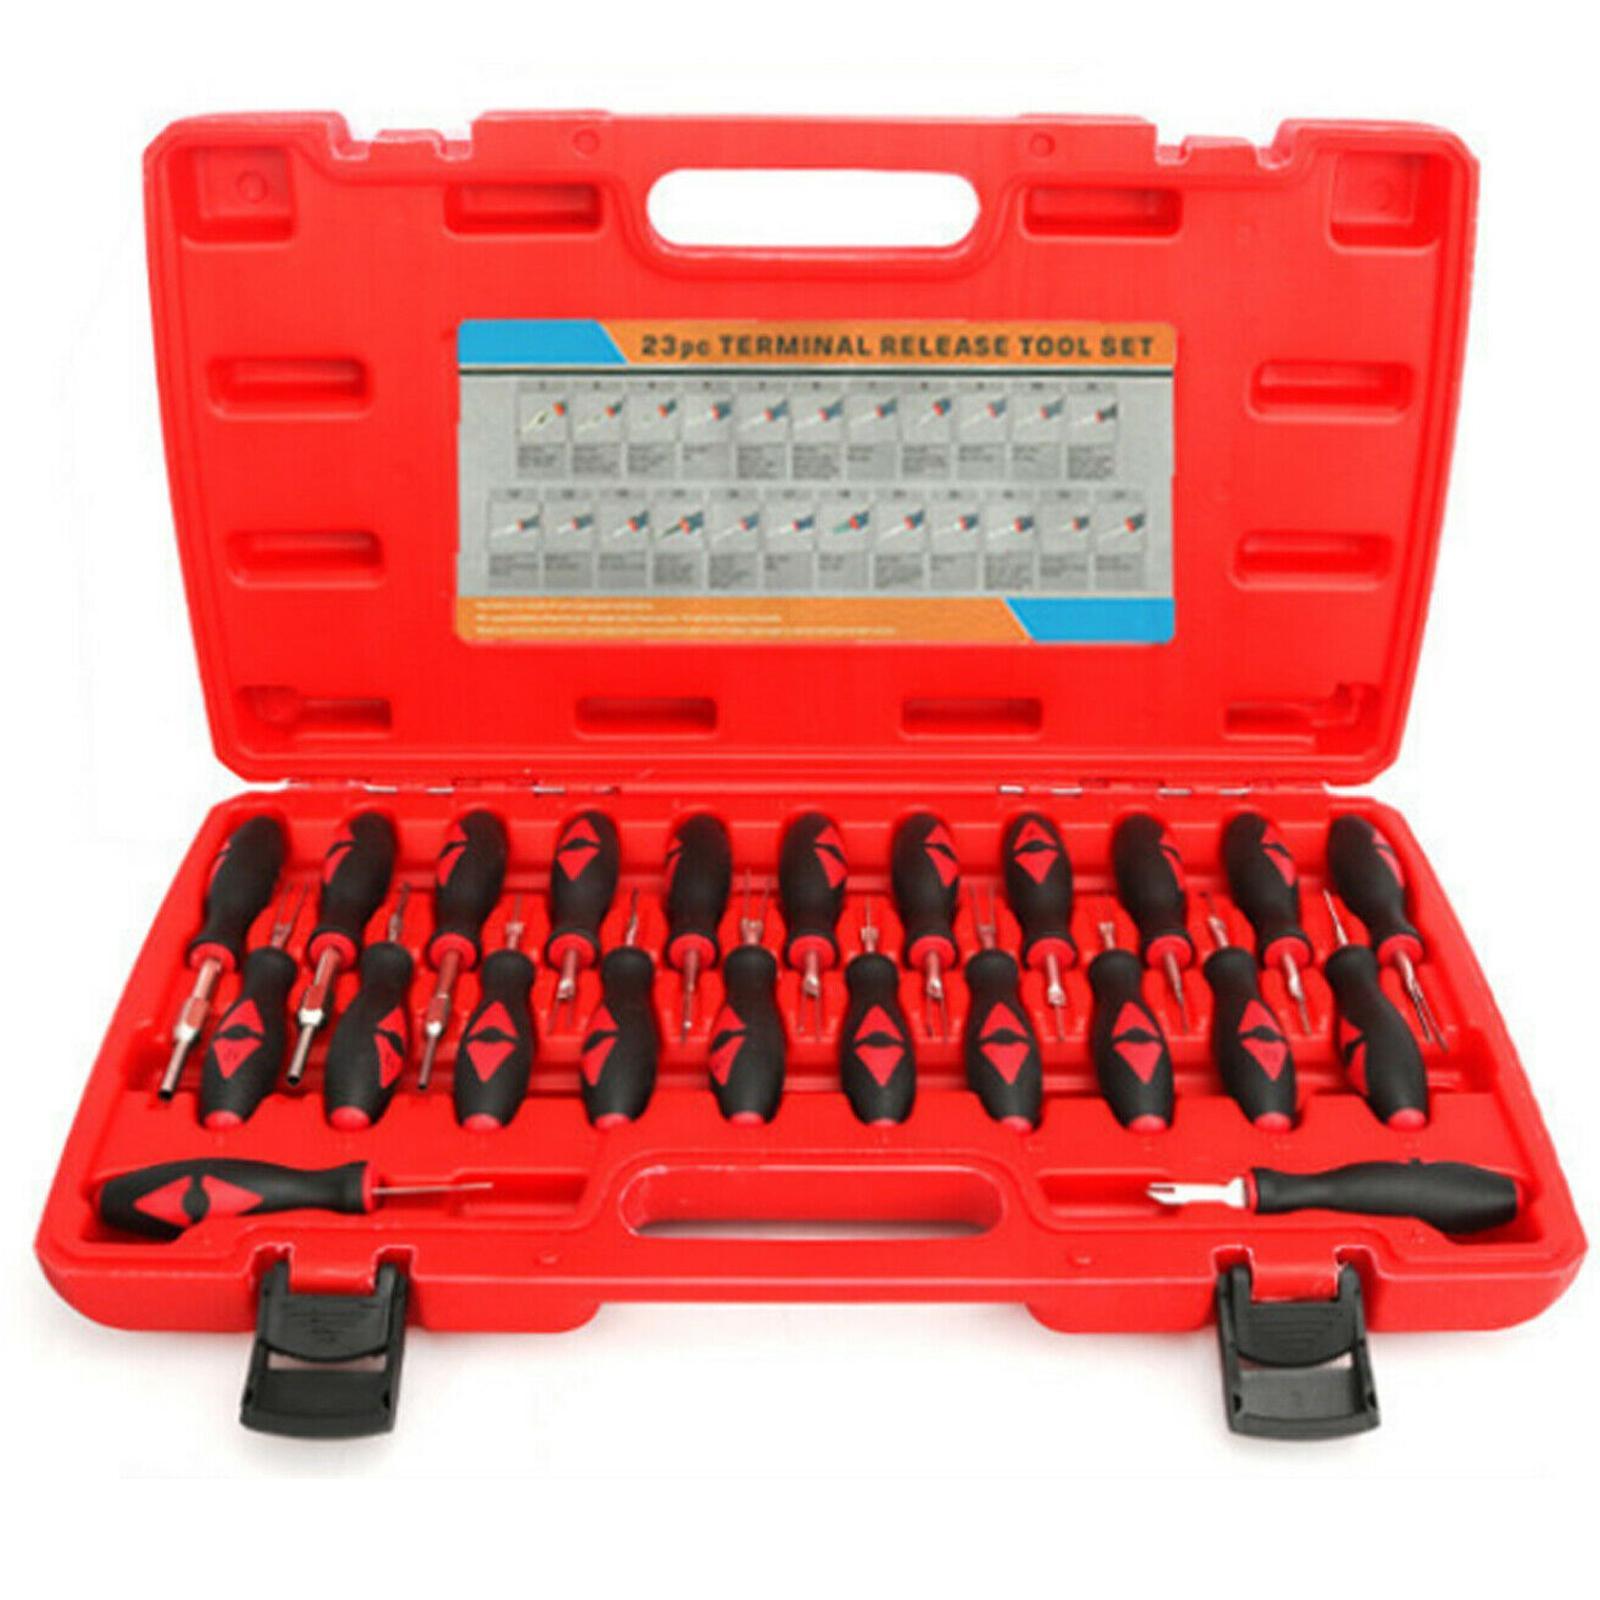 23pcs / set di rimozione universale Automotive Terminal di uscita Remover Tool Kit accessori Accessori auto